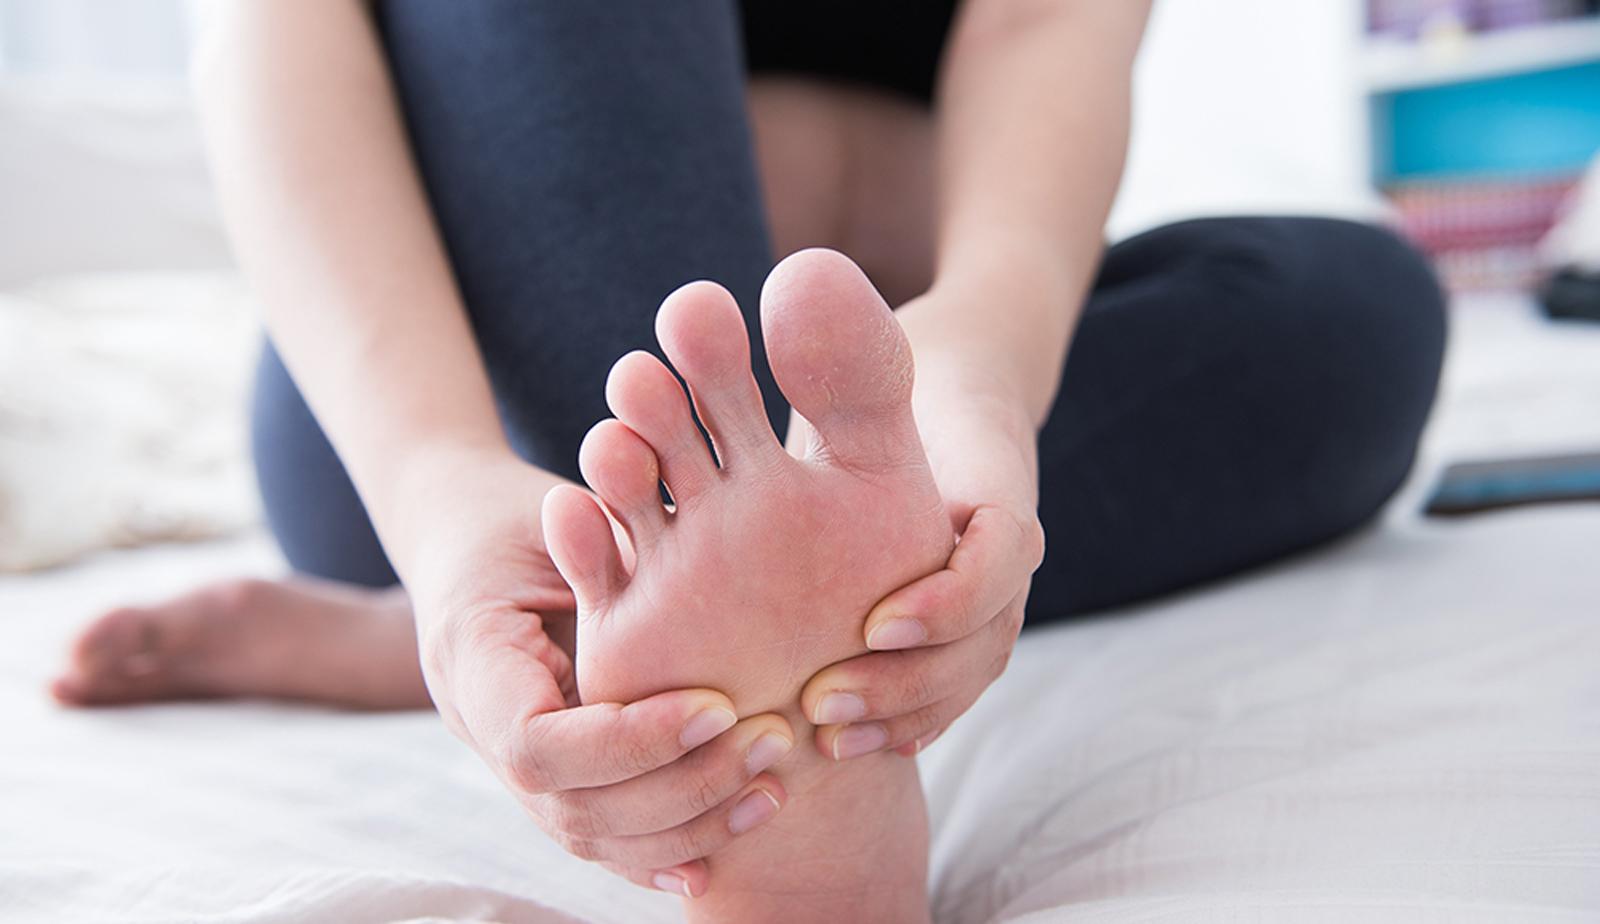 足のむくみをなんとかしたい! 美容師のためのむくみ対策とは?